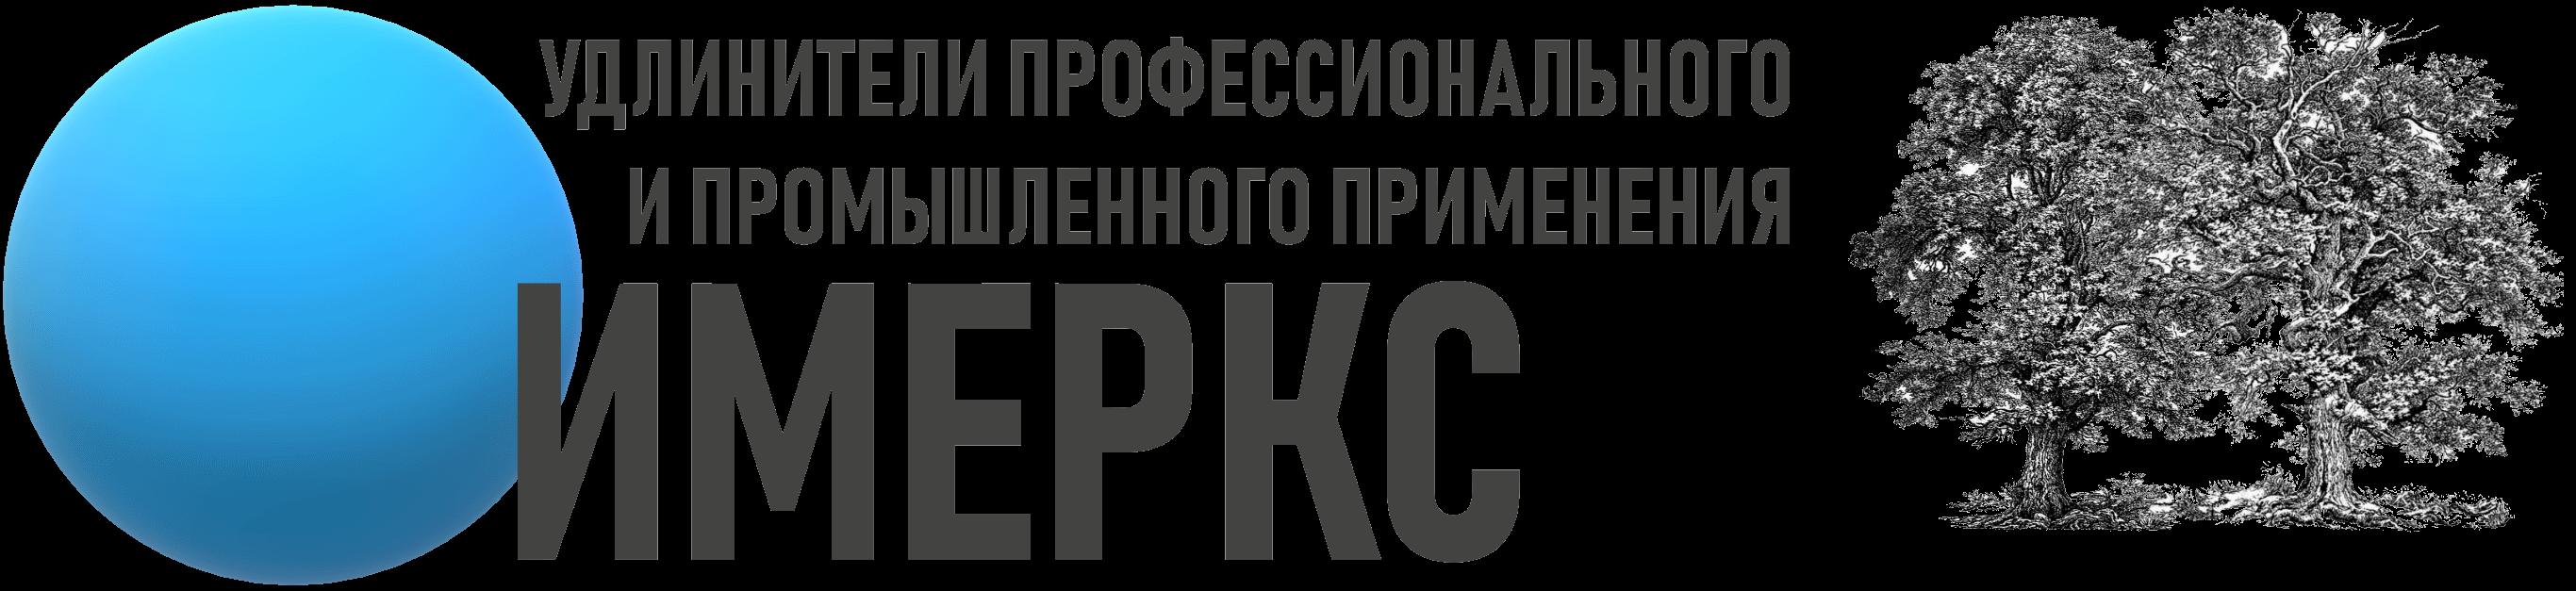 Электрические удлинители Имеркс.